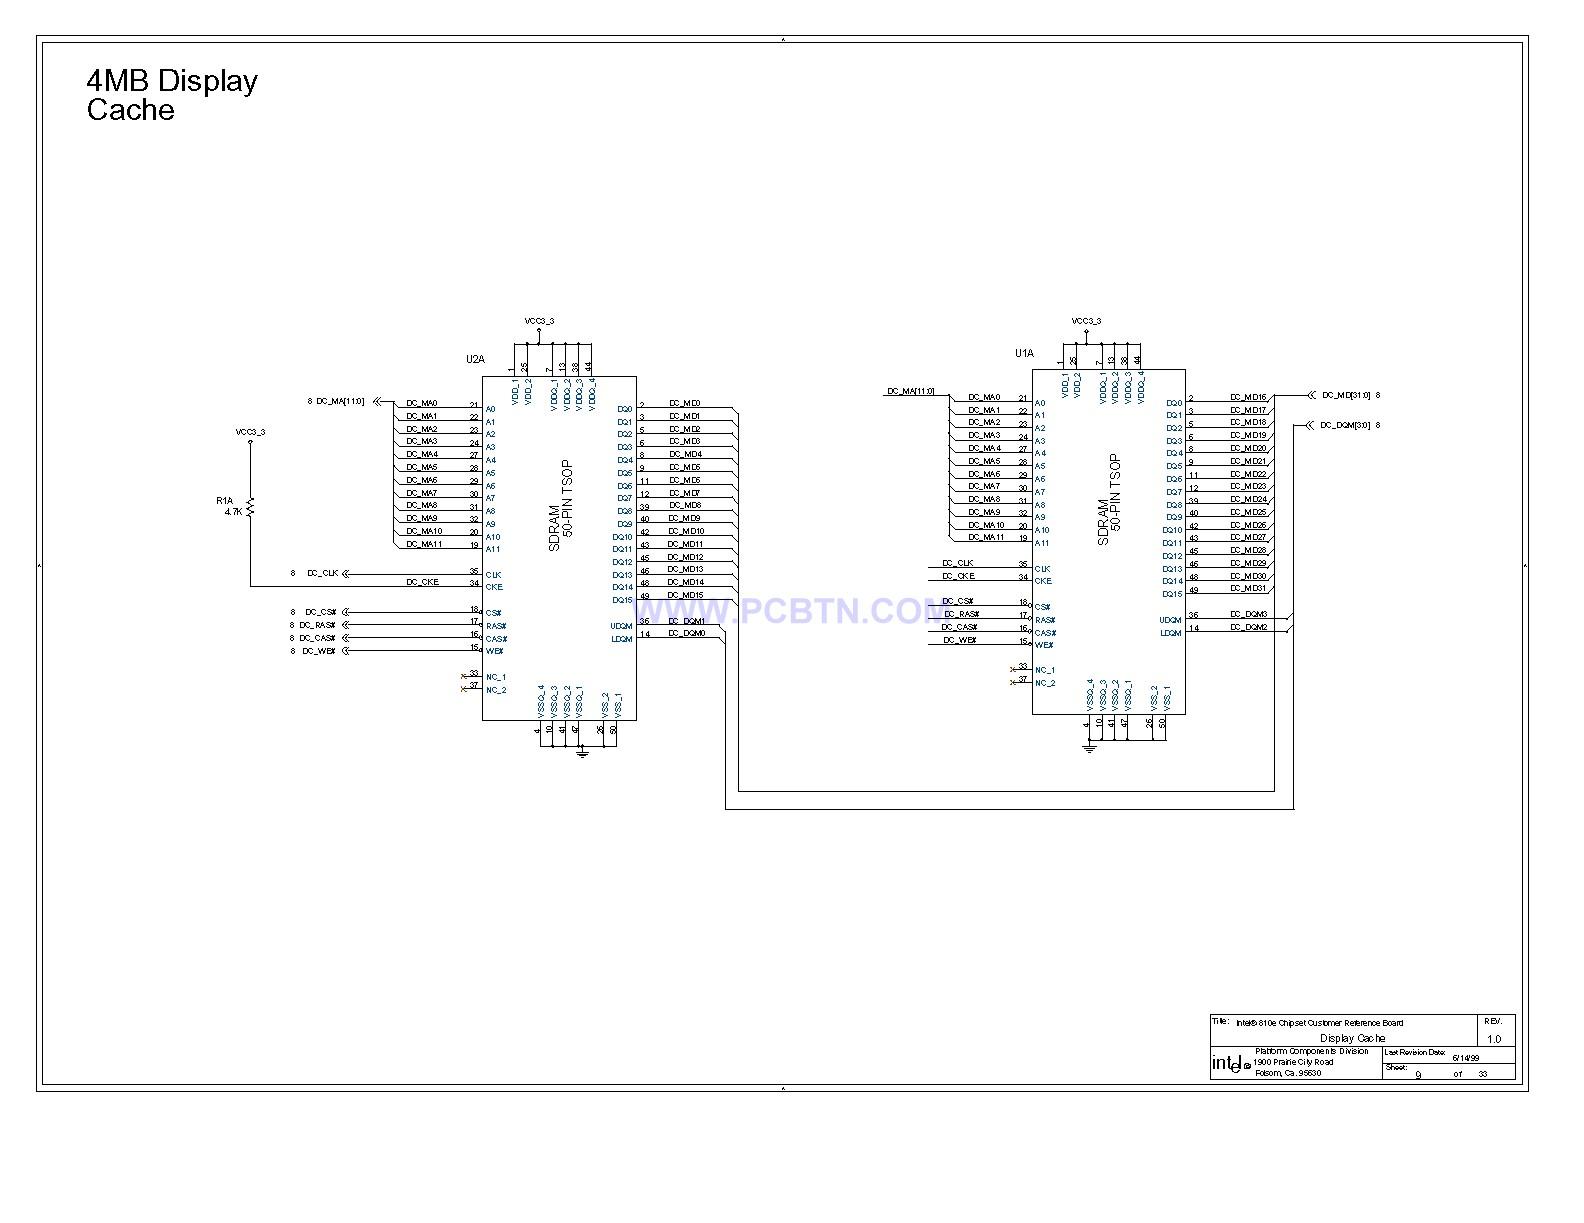 810e电脑主板设计图[_]09